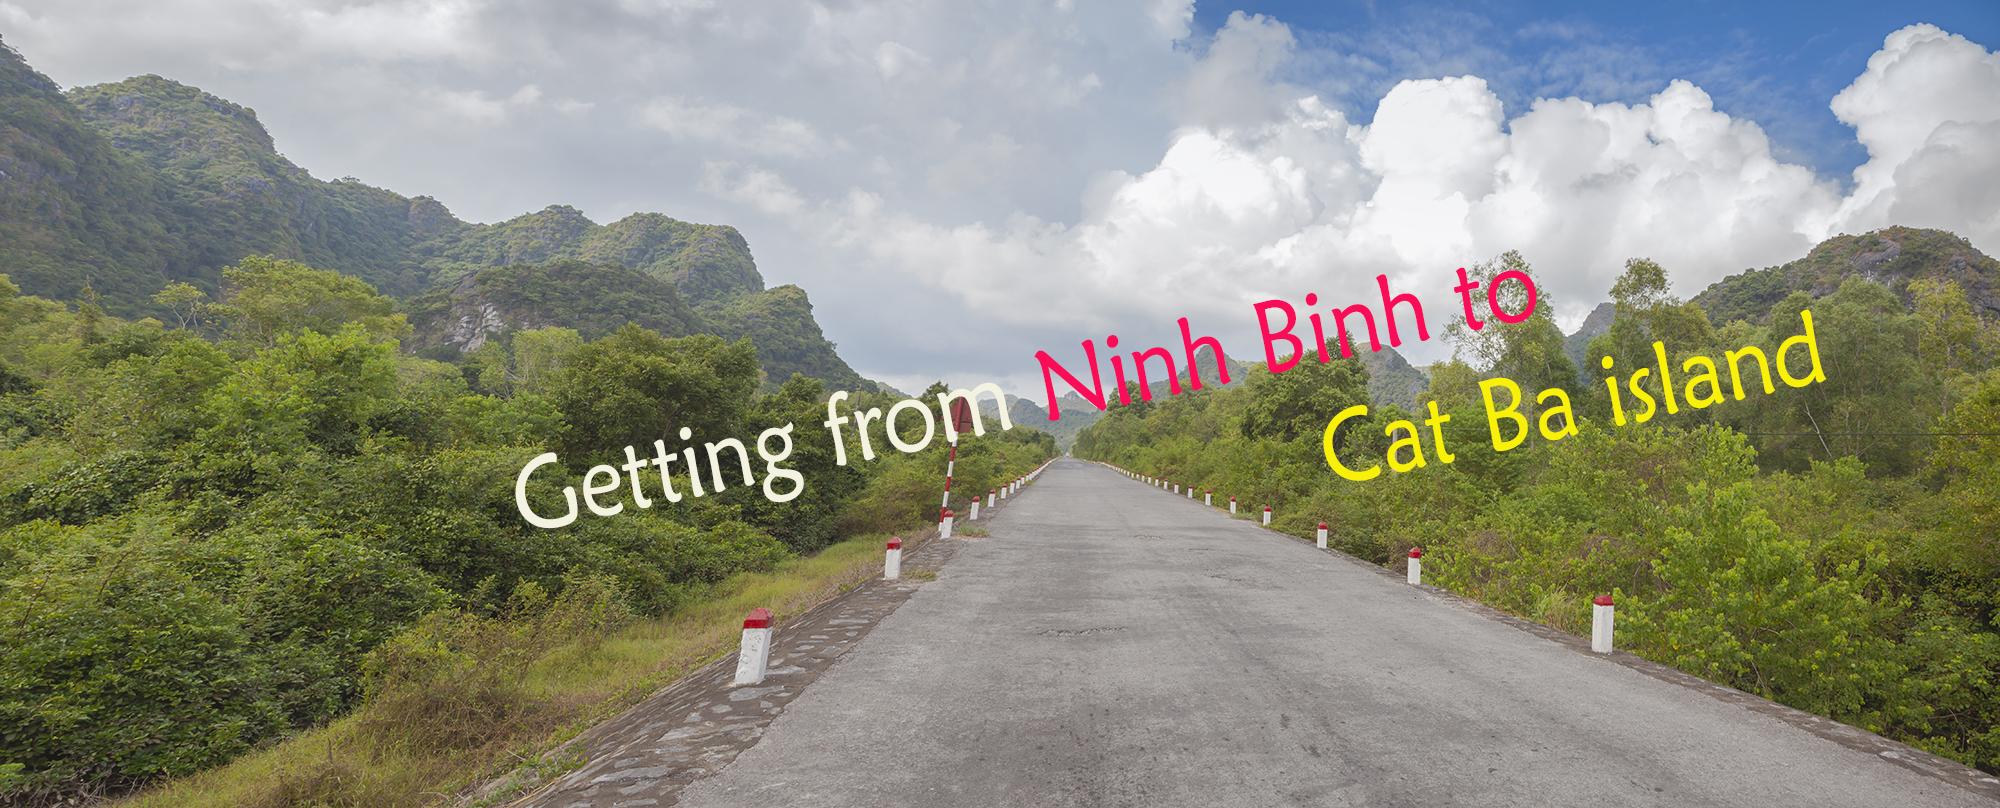 Видео - как выглядит переезд из Ниньбинь на остров Катба